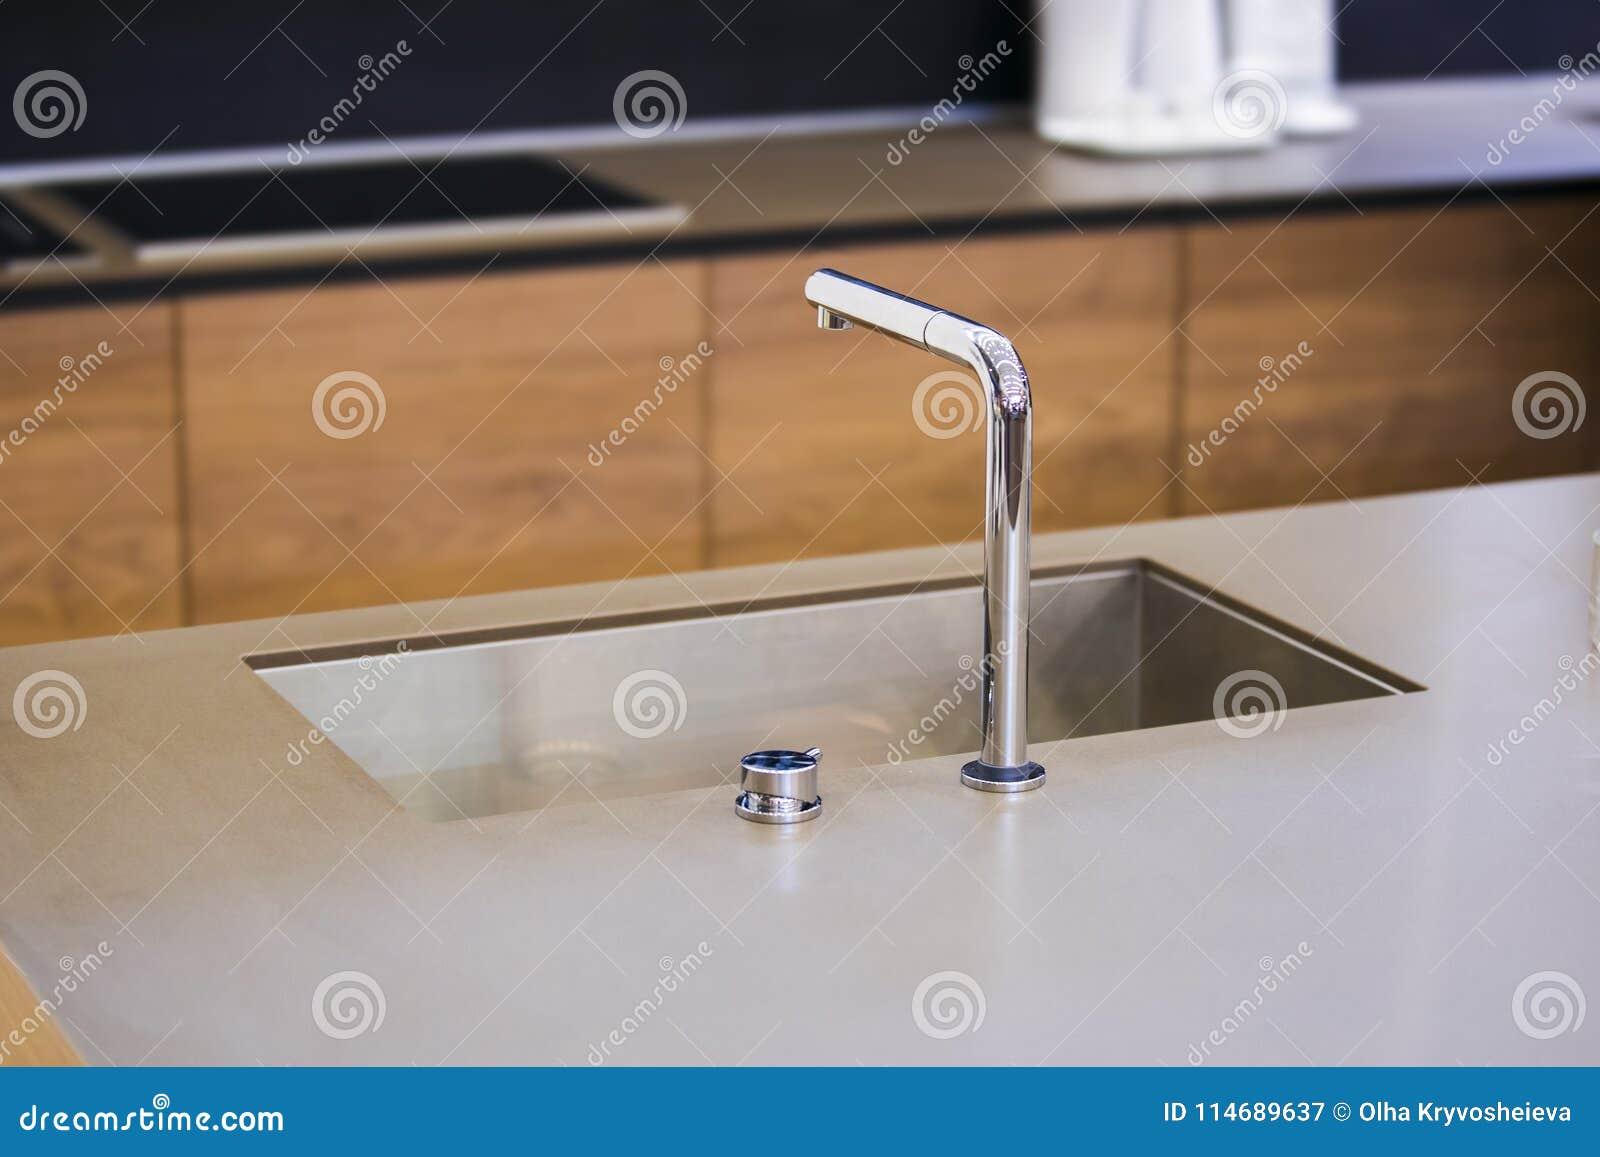 Grifo De Agua En La Cocina Moderna Encimera Concreta Y Cocina De ...